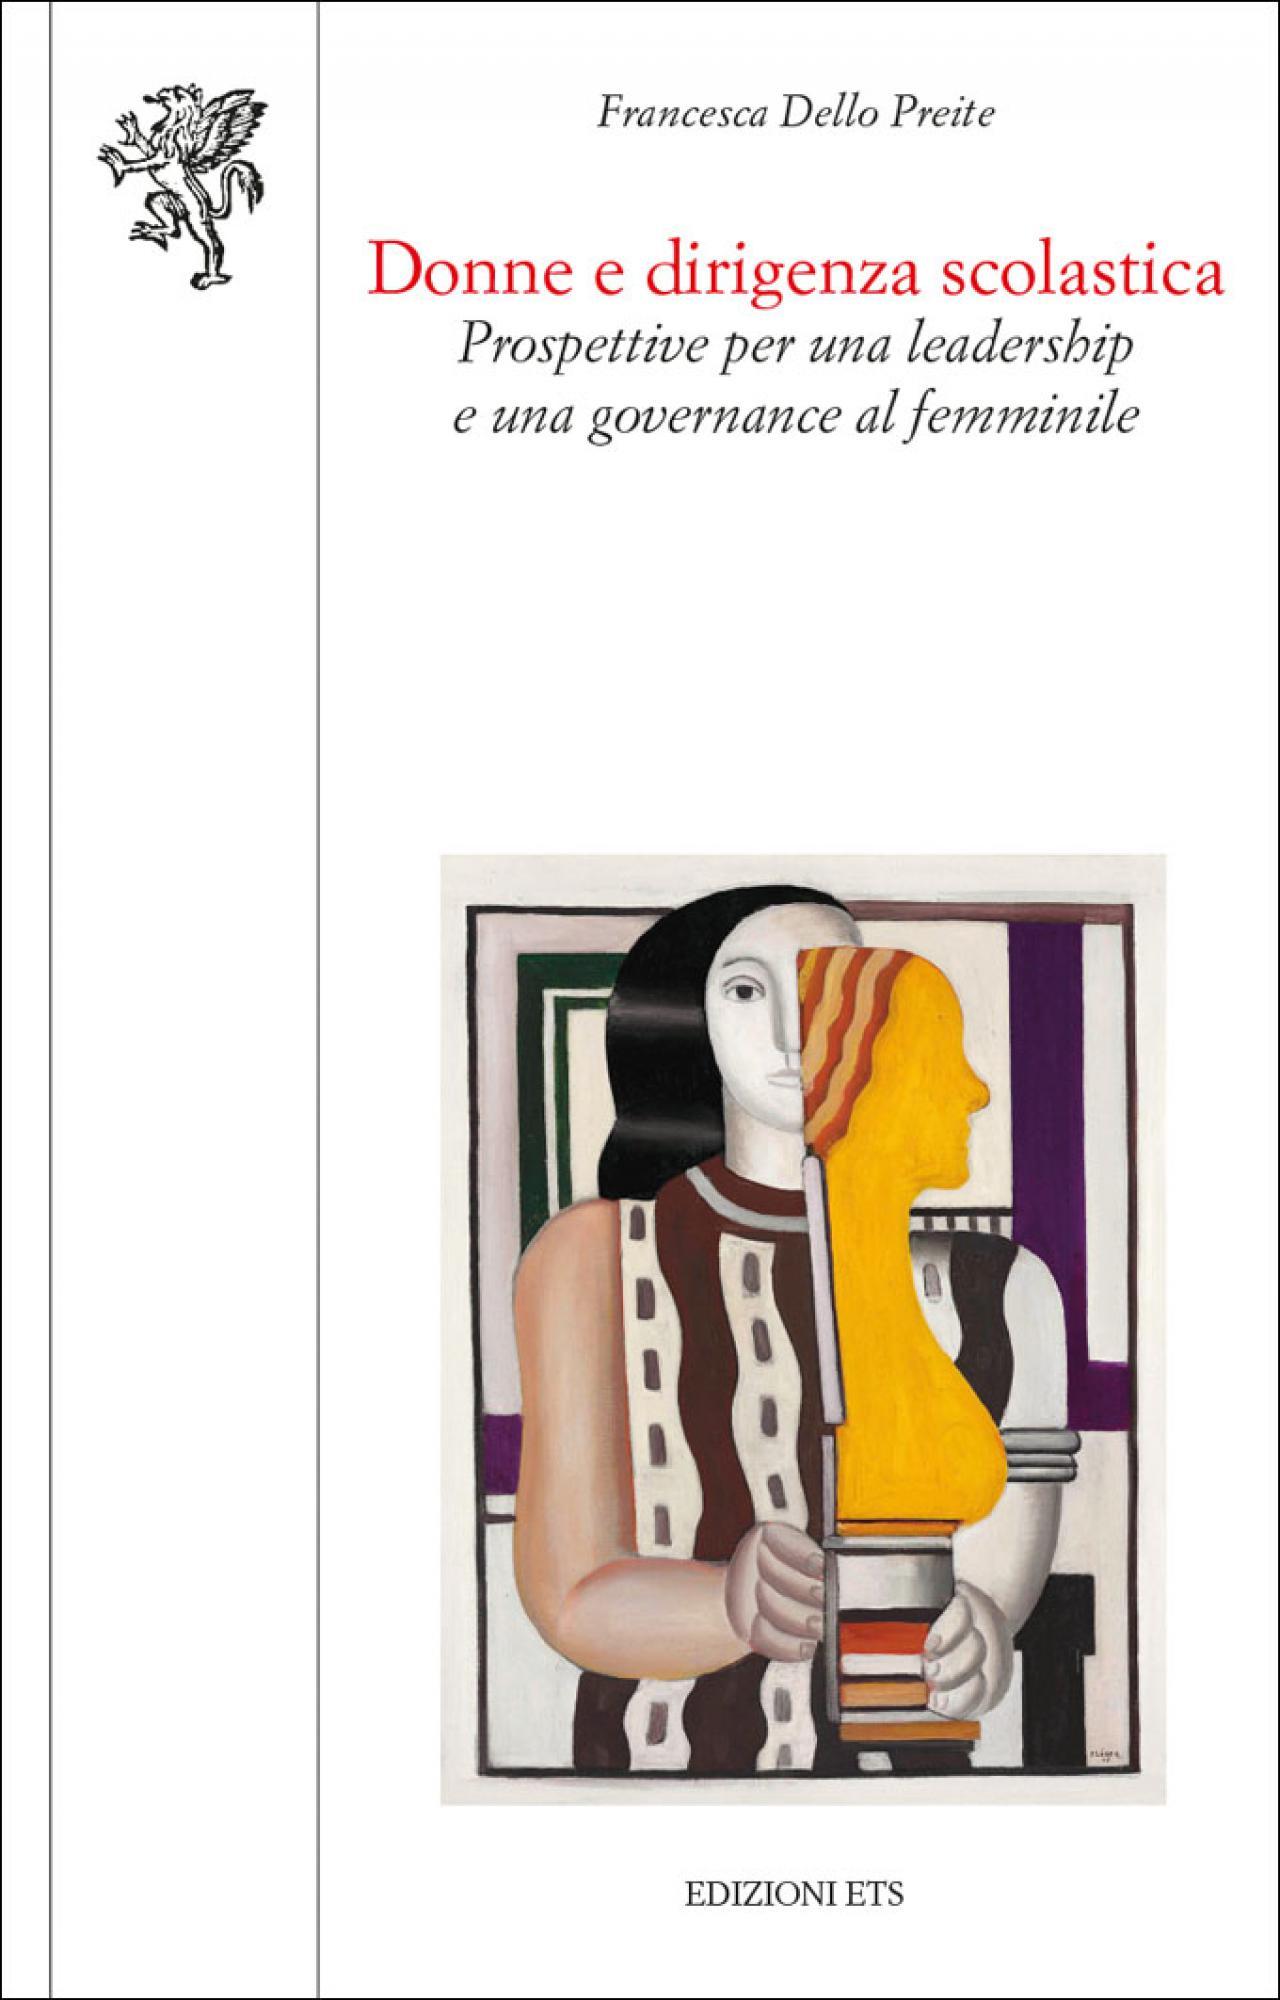 Donne e dirigenza scolastica.Prospettive per una leadership e una governance al femminile